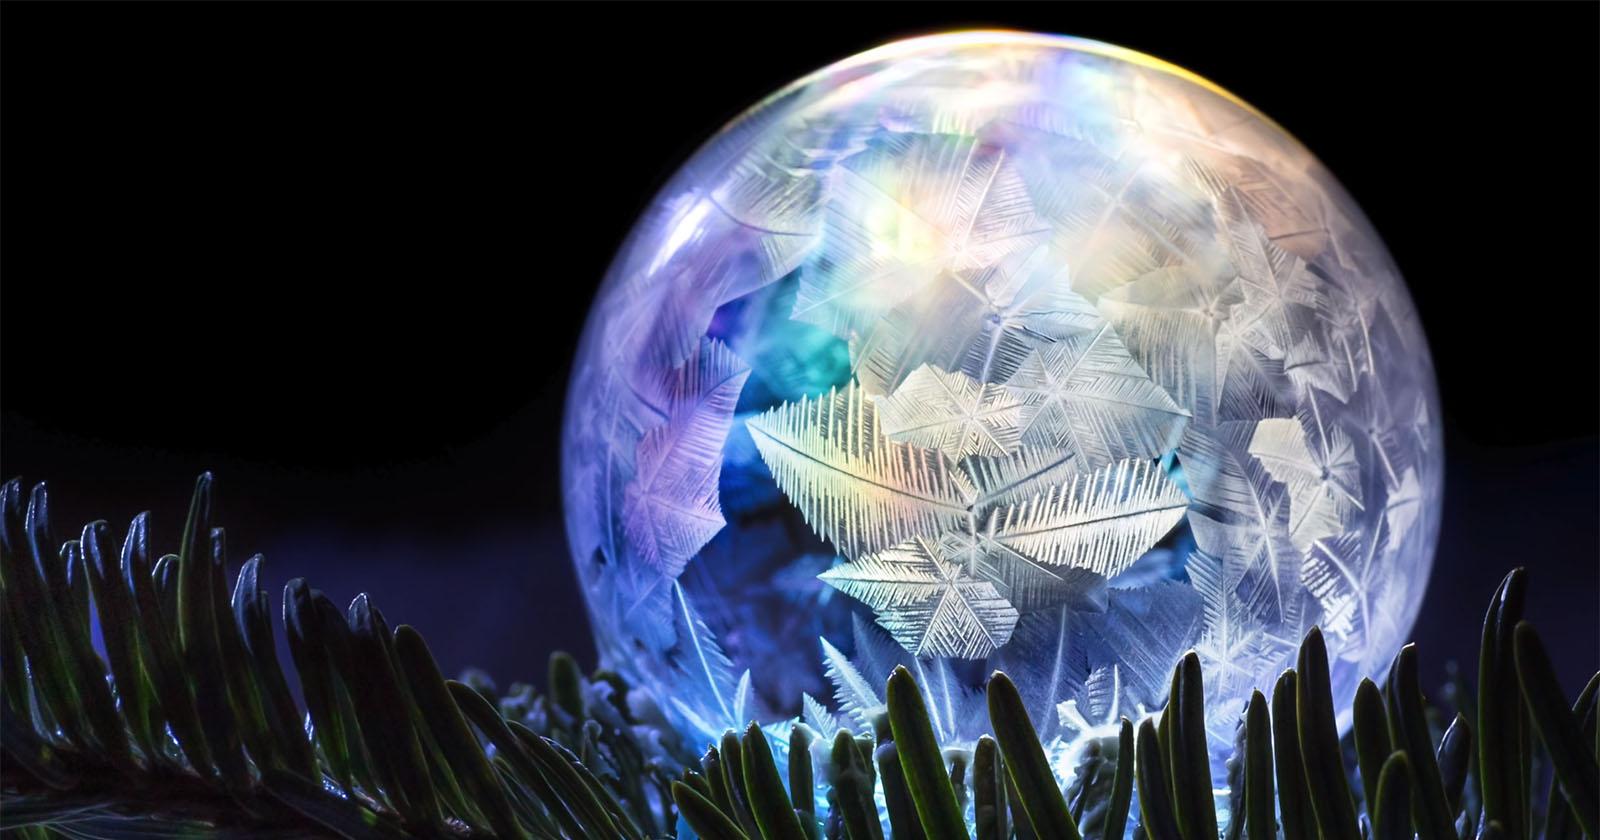 Cómo Hacer y Fotografía Congelada Burbujas de Jabón